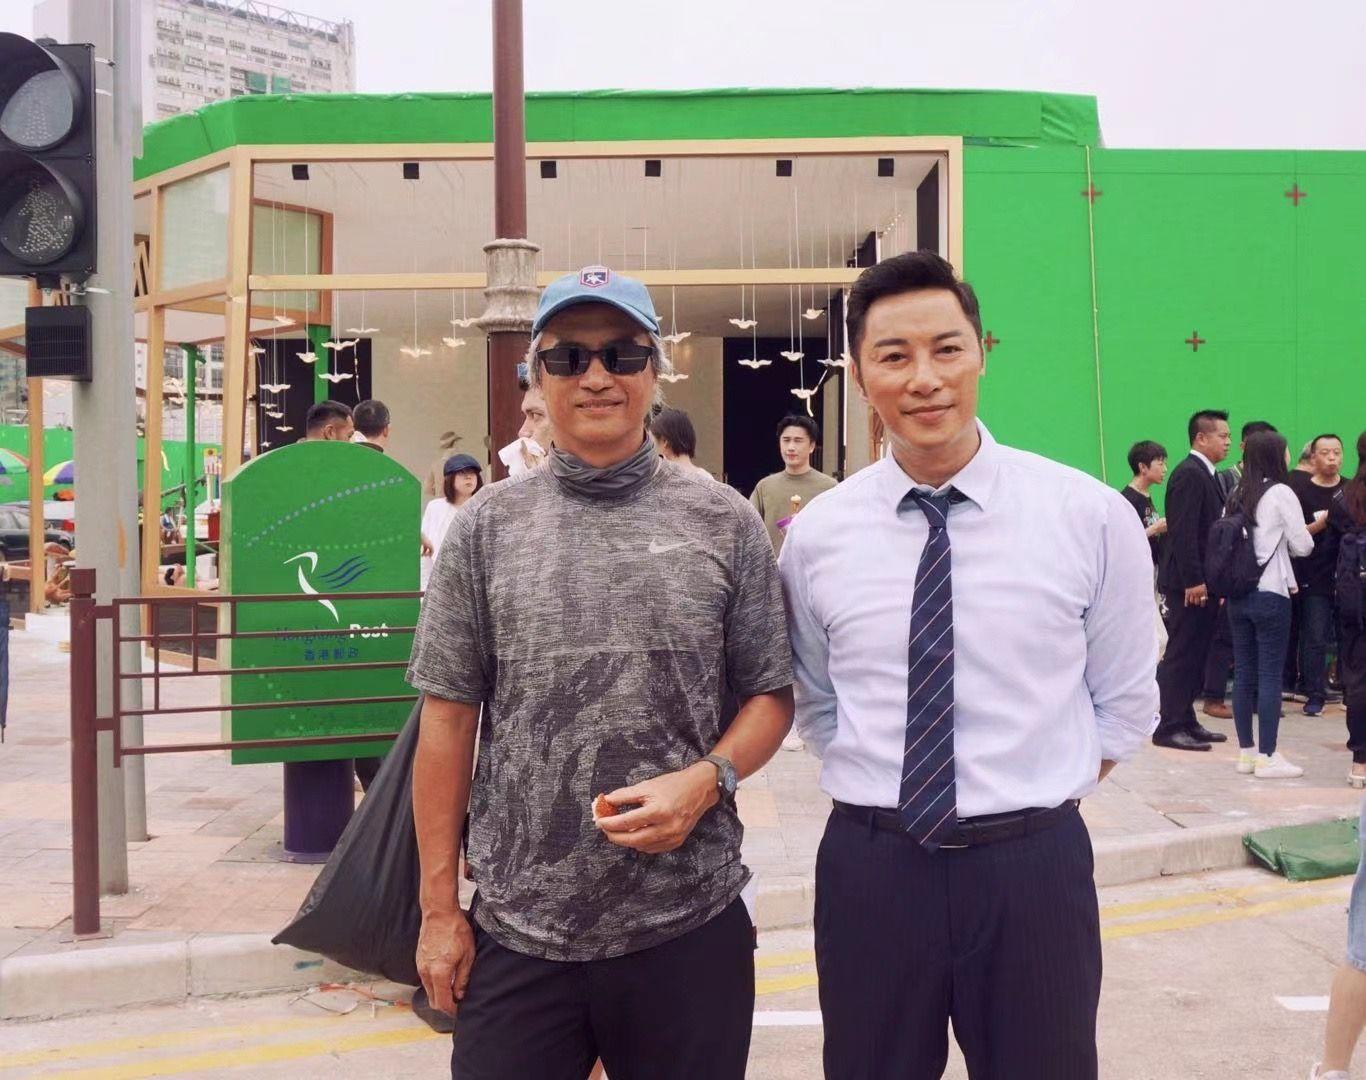 参演陈木胜遗作,谭耀文遗憾《怒火》上映时导演不在